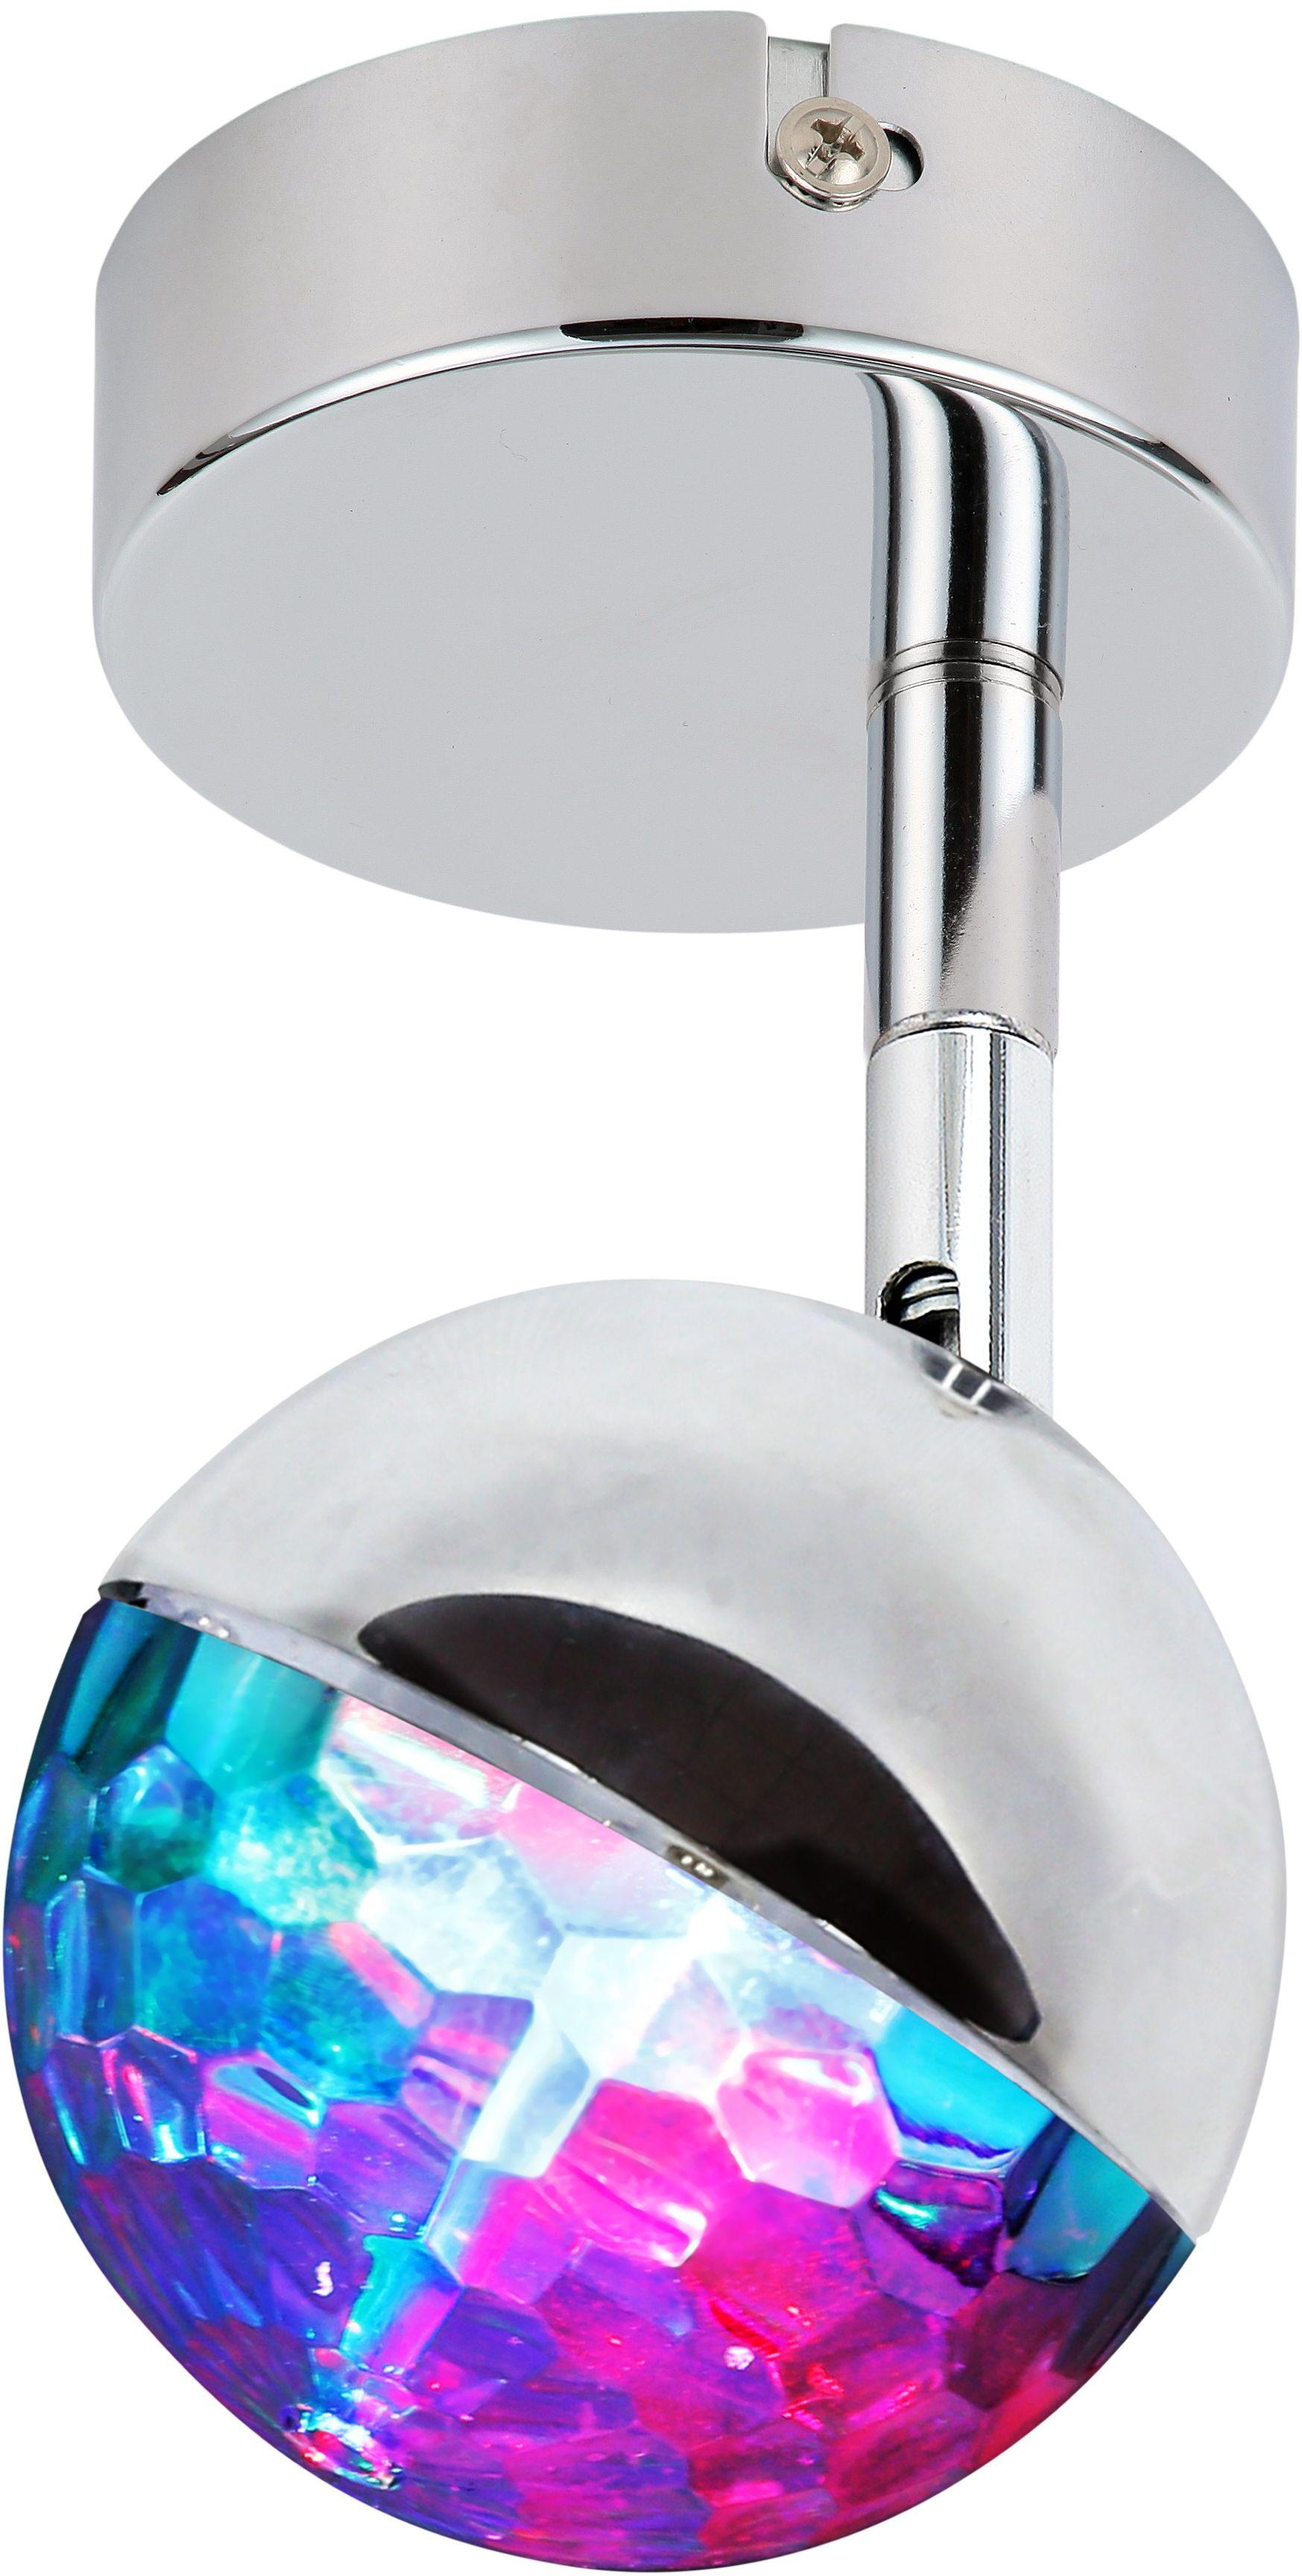 Candellux PARTY 91-67753 kinkiet lampa ścienna dyskotekowy efekt 1X3W LED RGB główka okrągła chrom 15cm